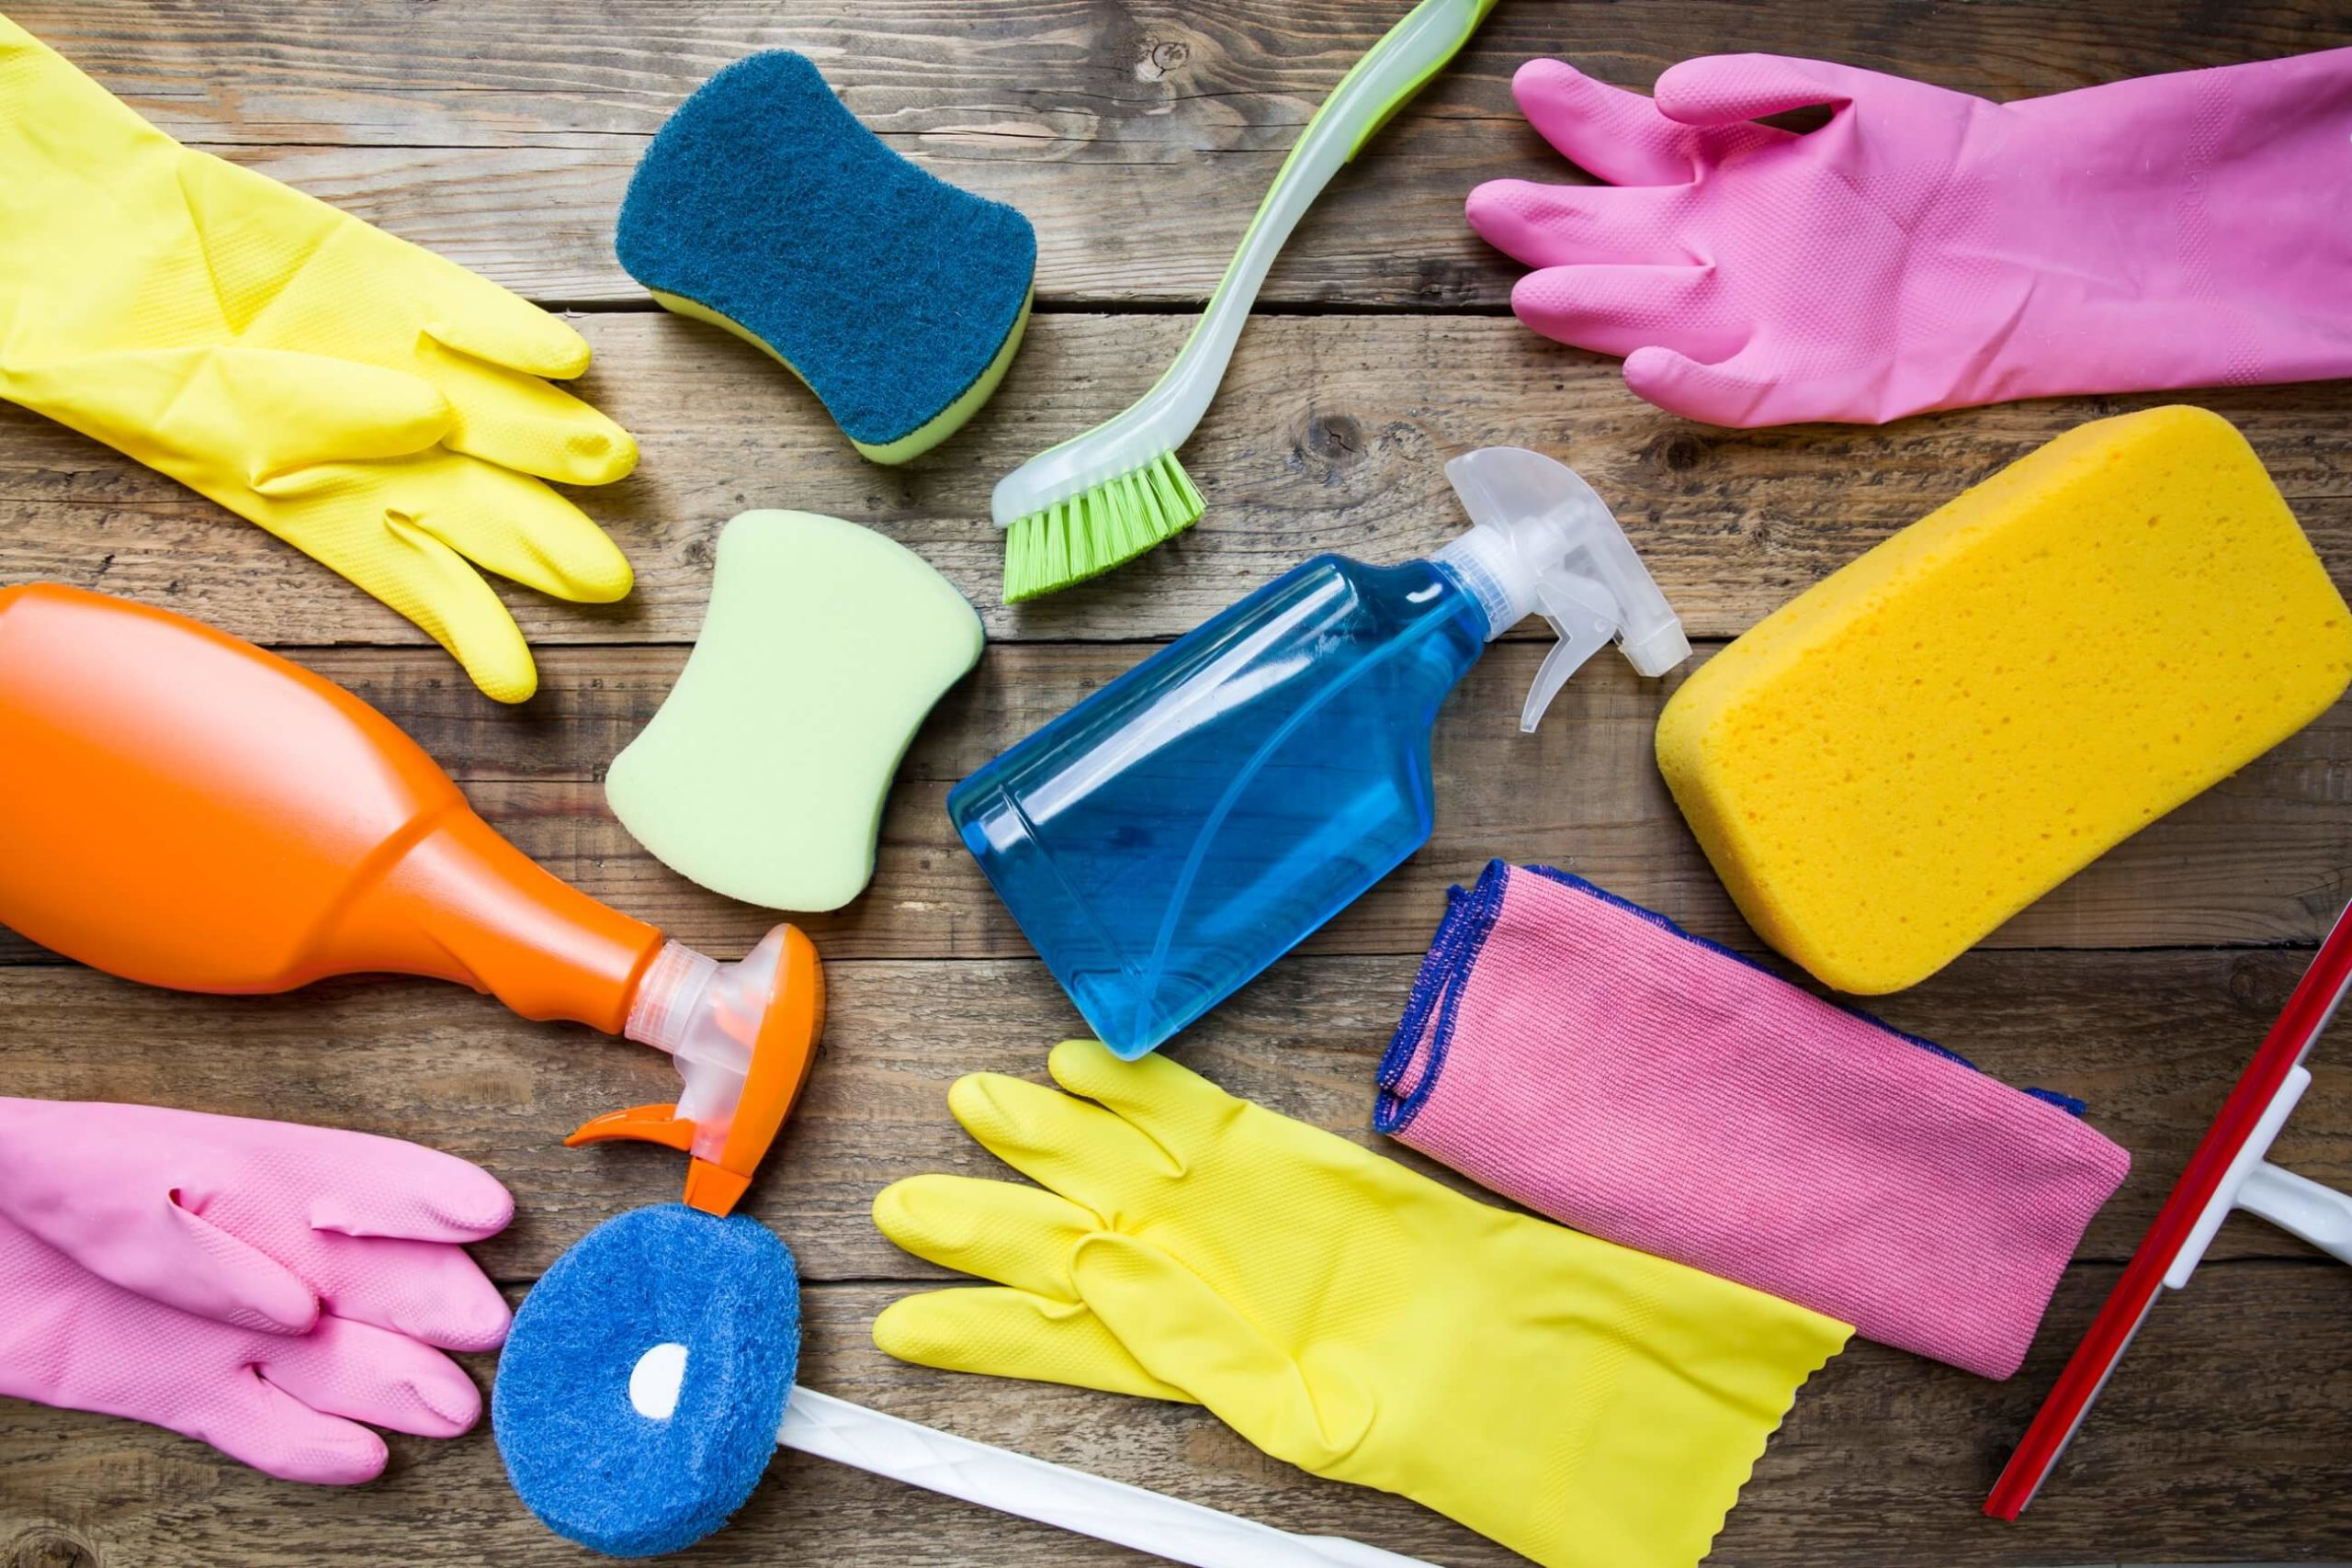 Уборка домов 🧹 клининг квартир коттеджей в Пирогово 🏠